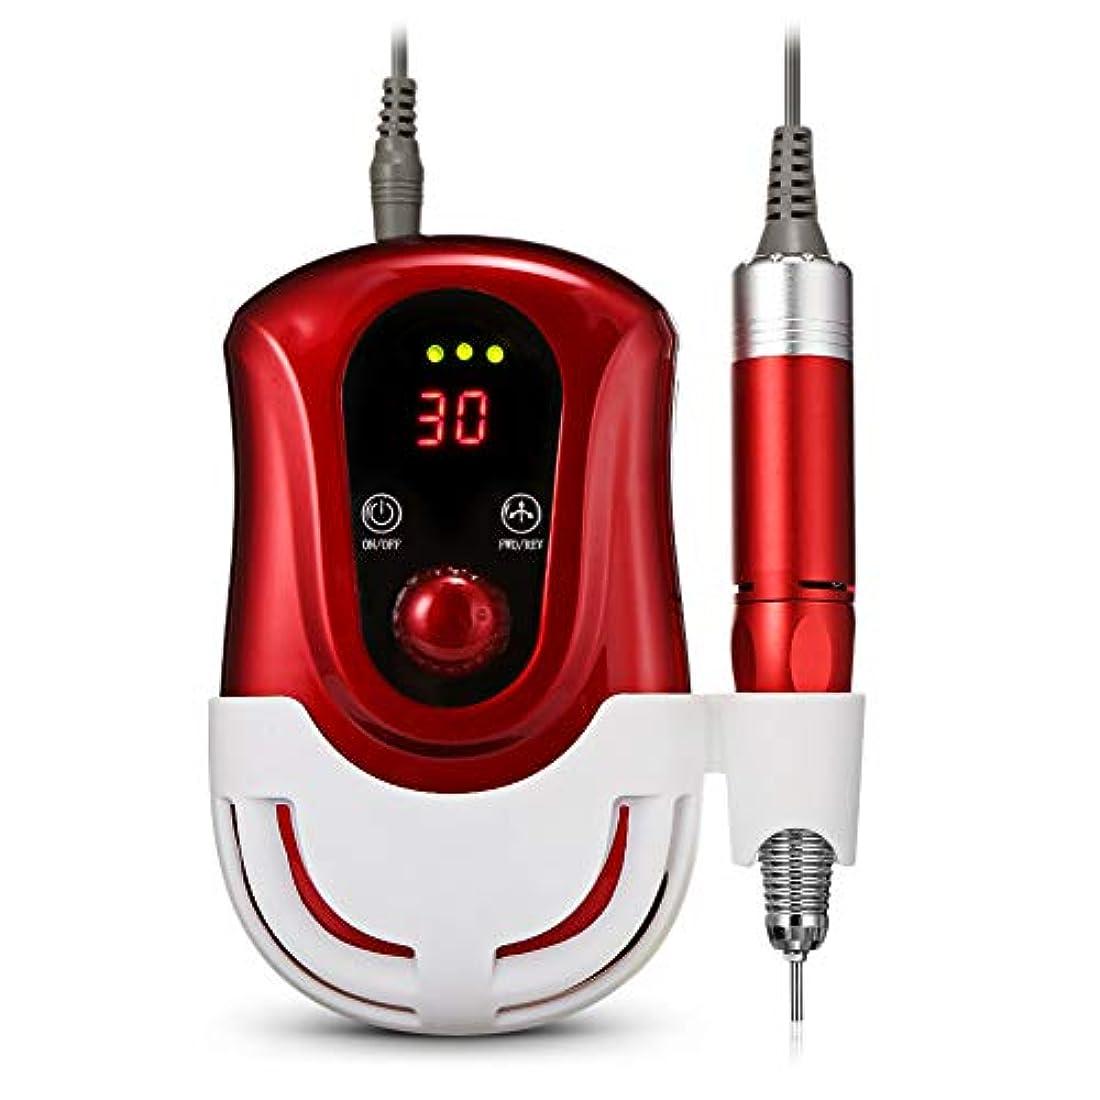 68ワットプロフェッショナルネイル集塵機ネイルアート機器ネイル掃除機ダスト吸引機,Red